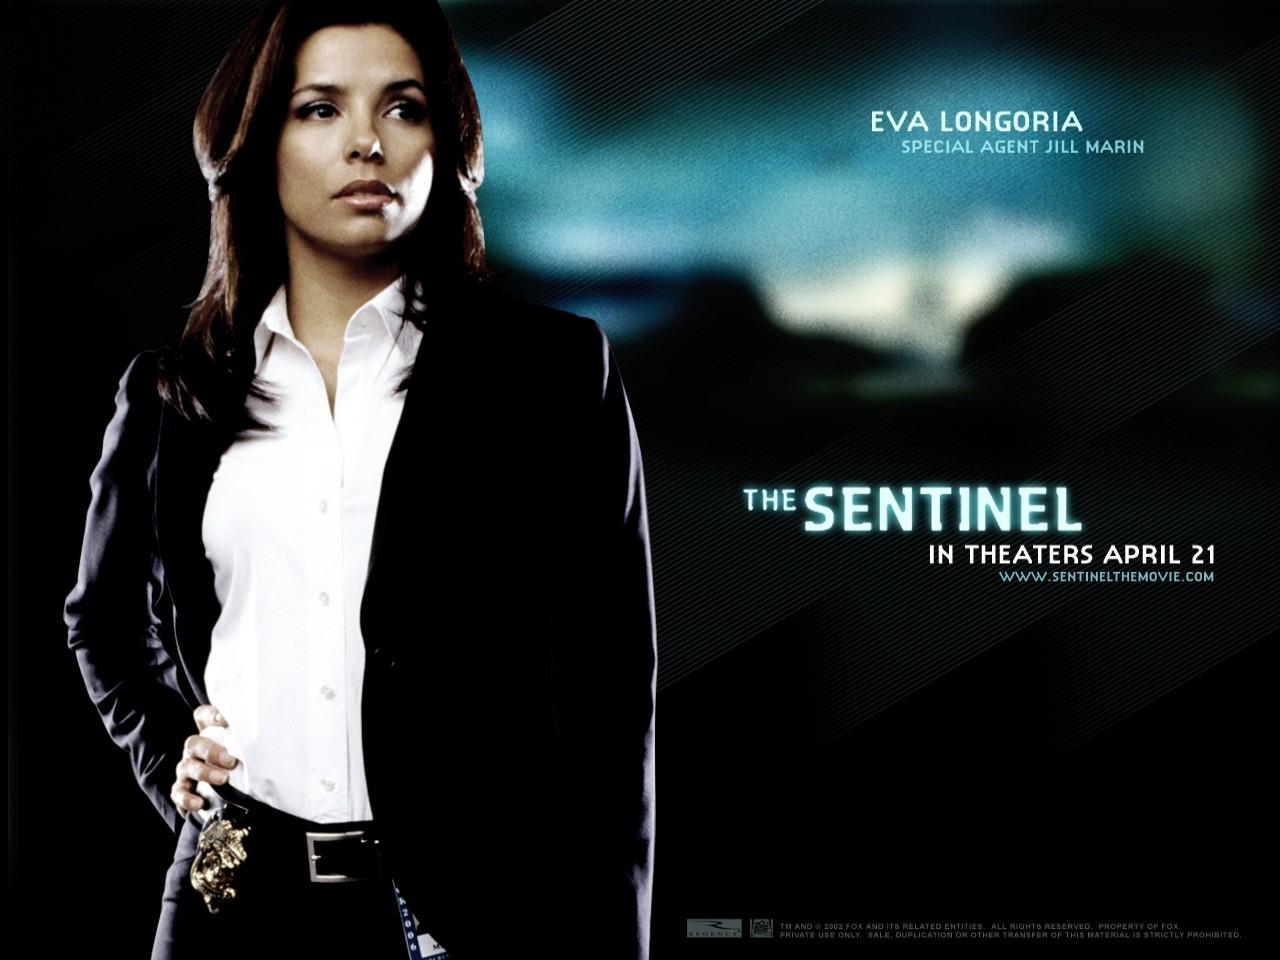 Wallpaper del film The Sentinel con Eva Longoria